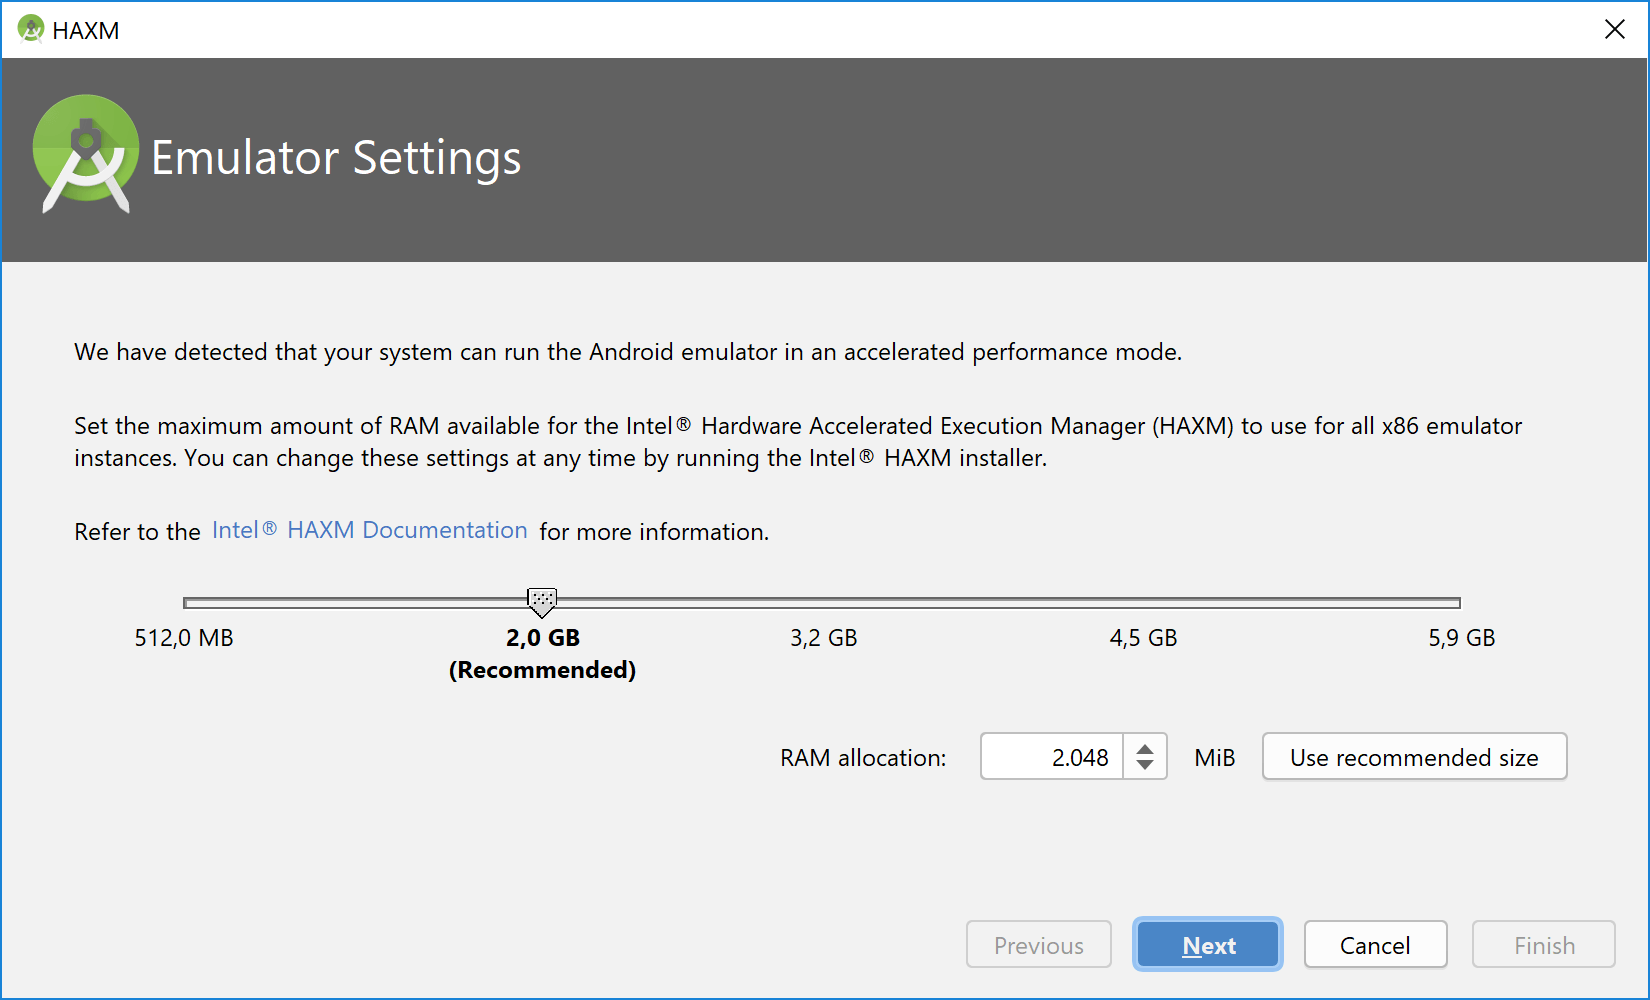 emulator_settings_haxm